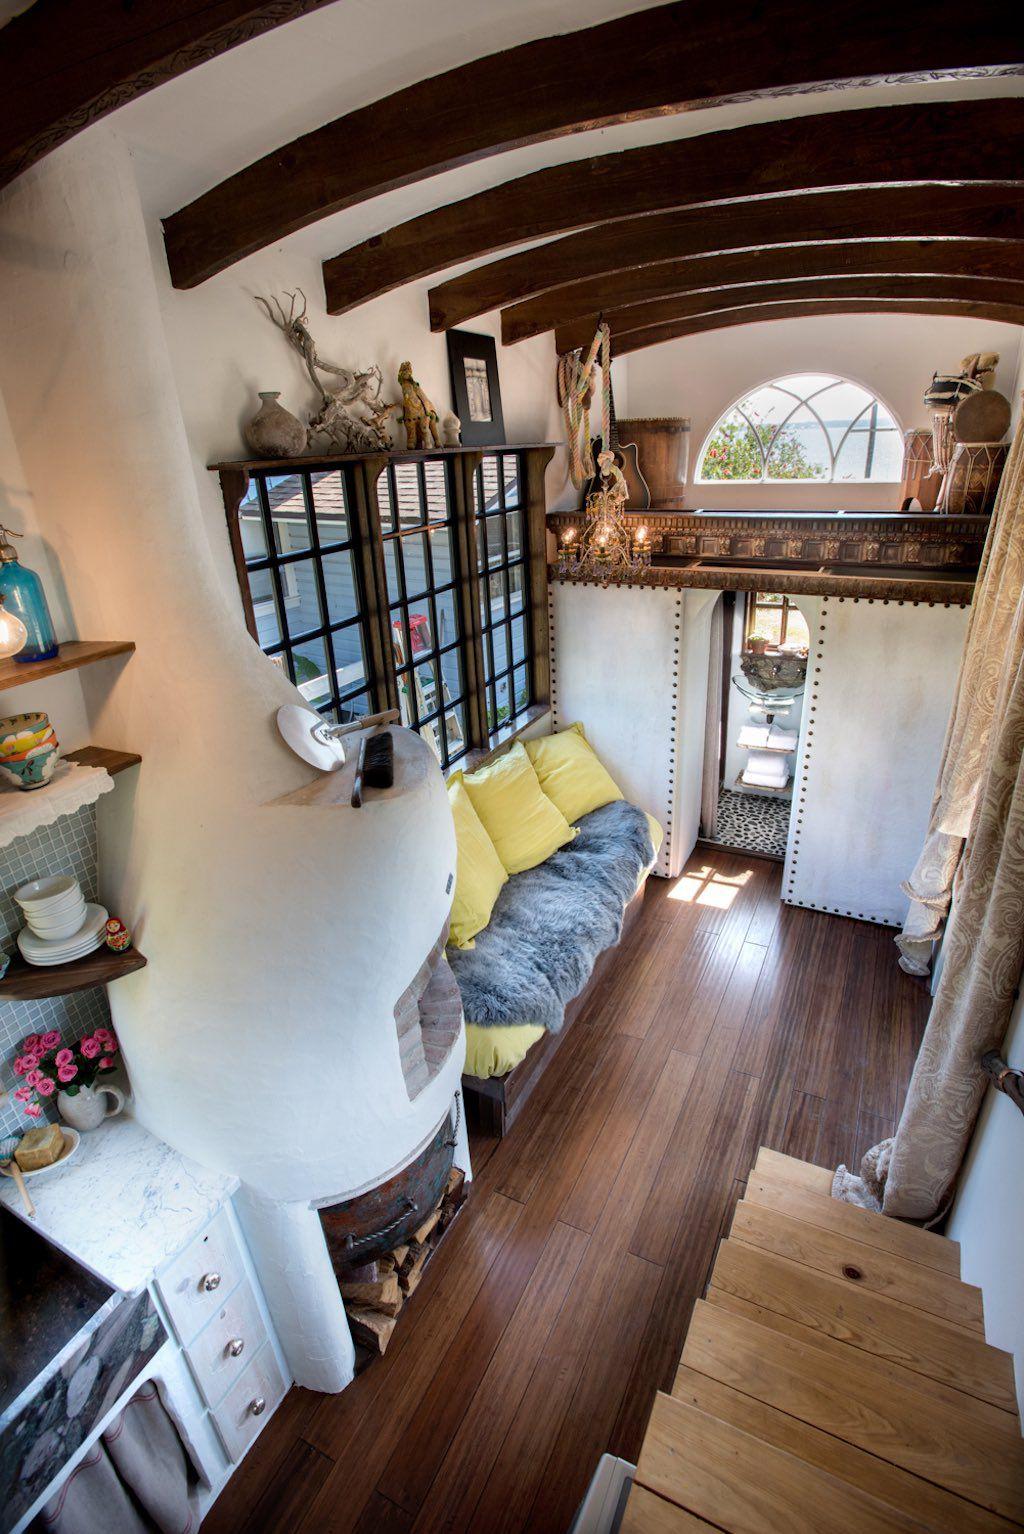 Gypsy Mermaid Tiny House Tiny house hehe Tiny house